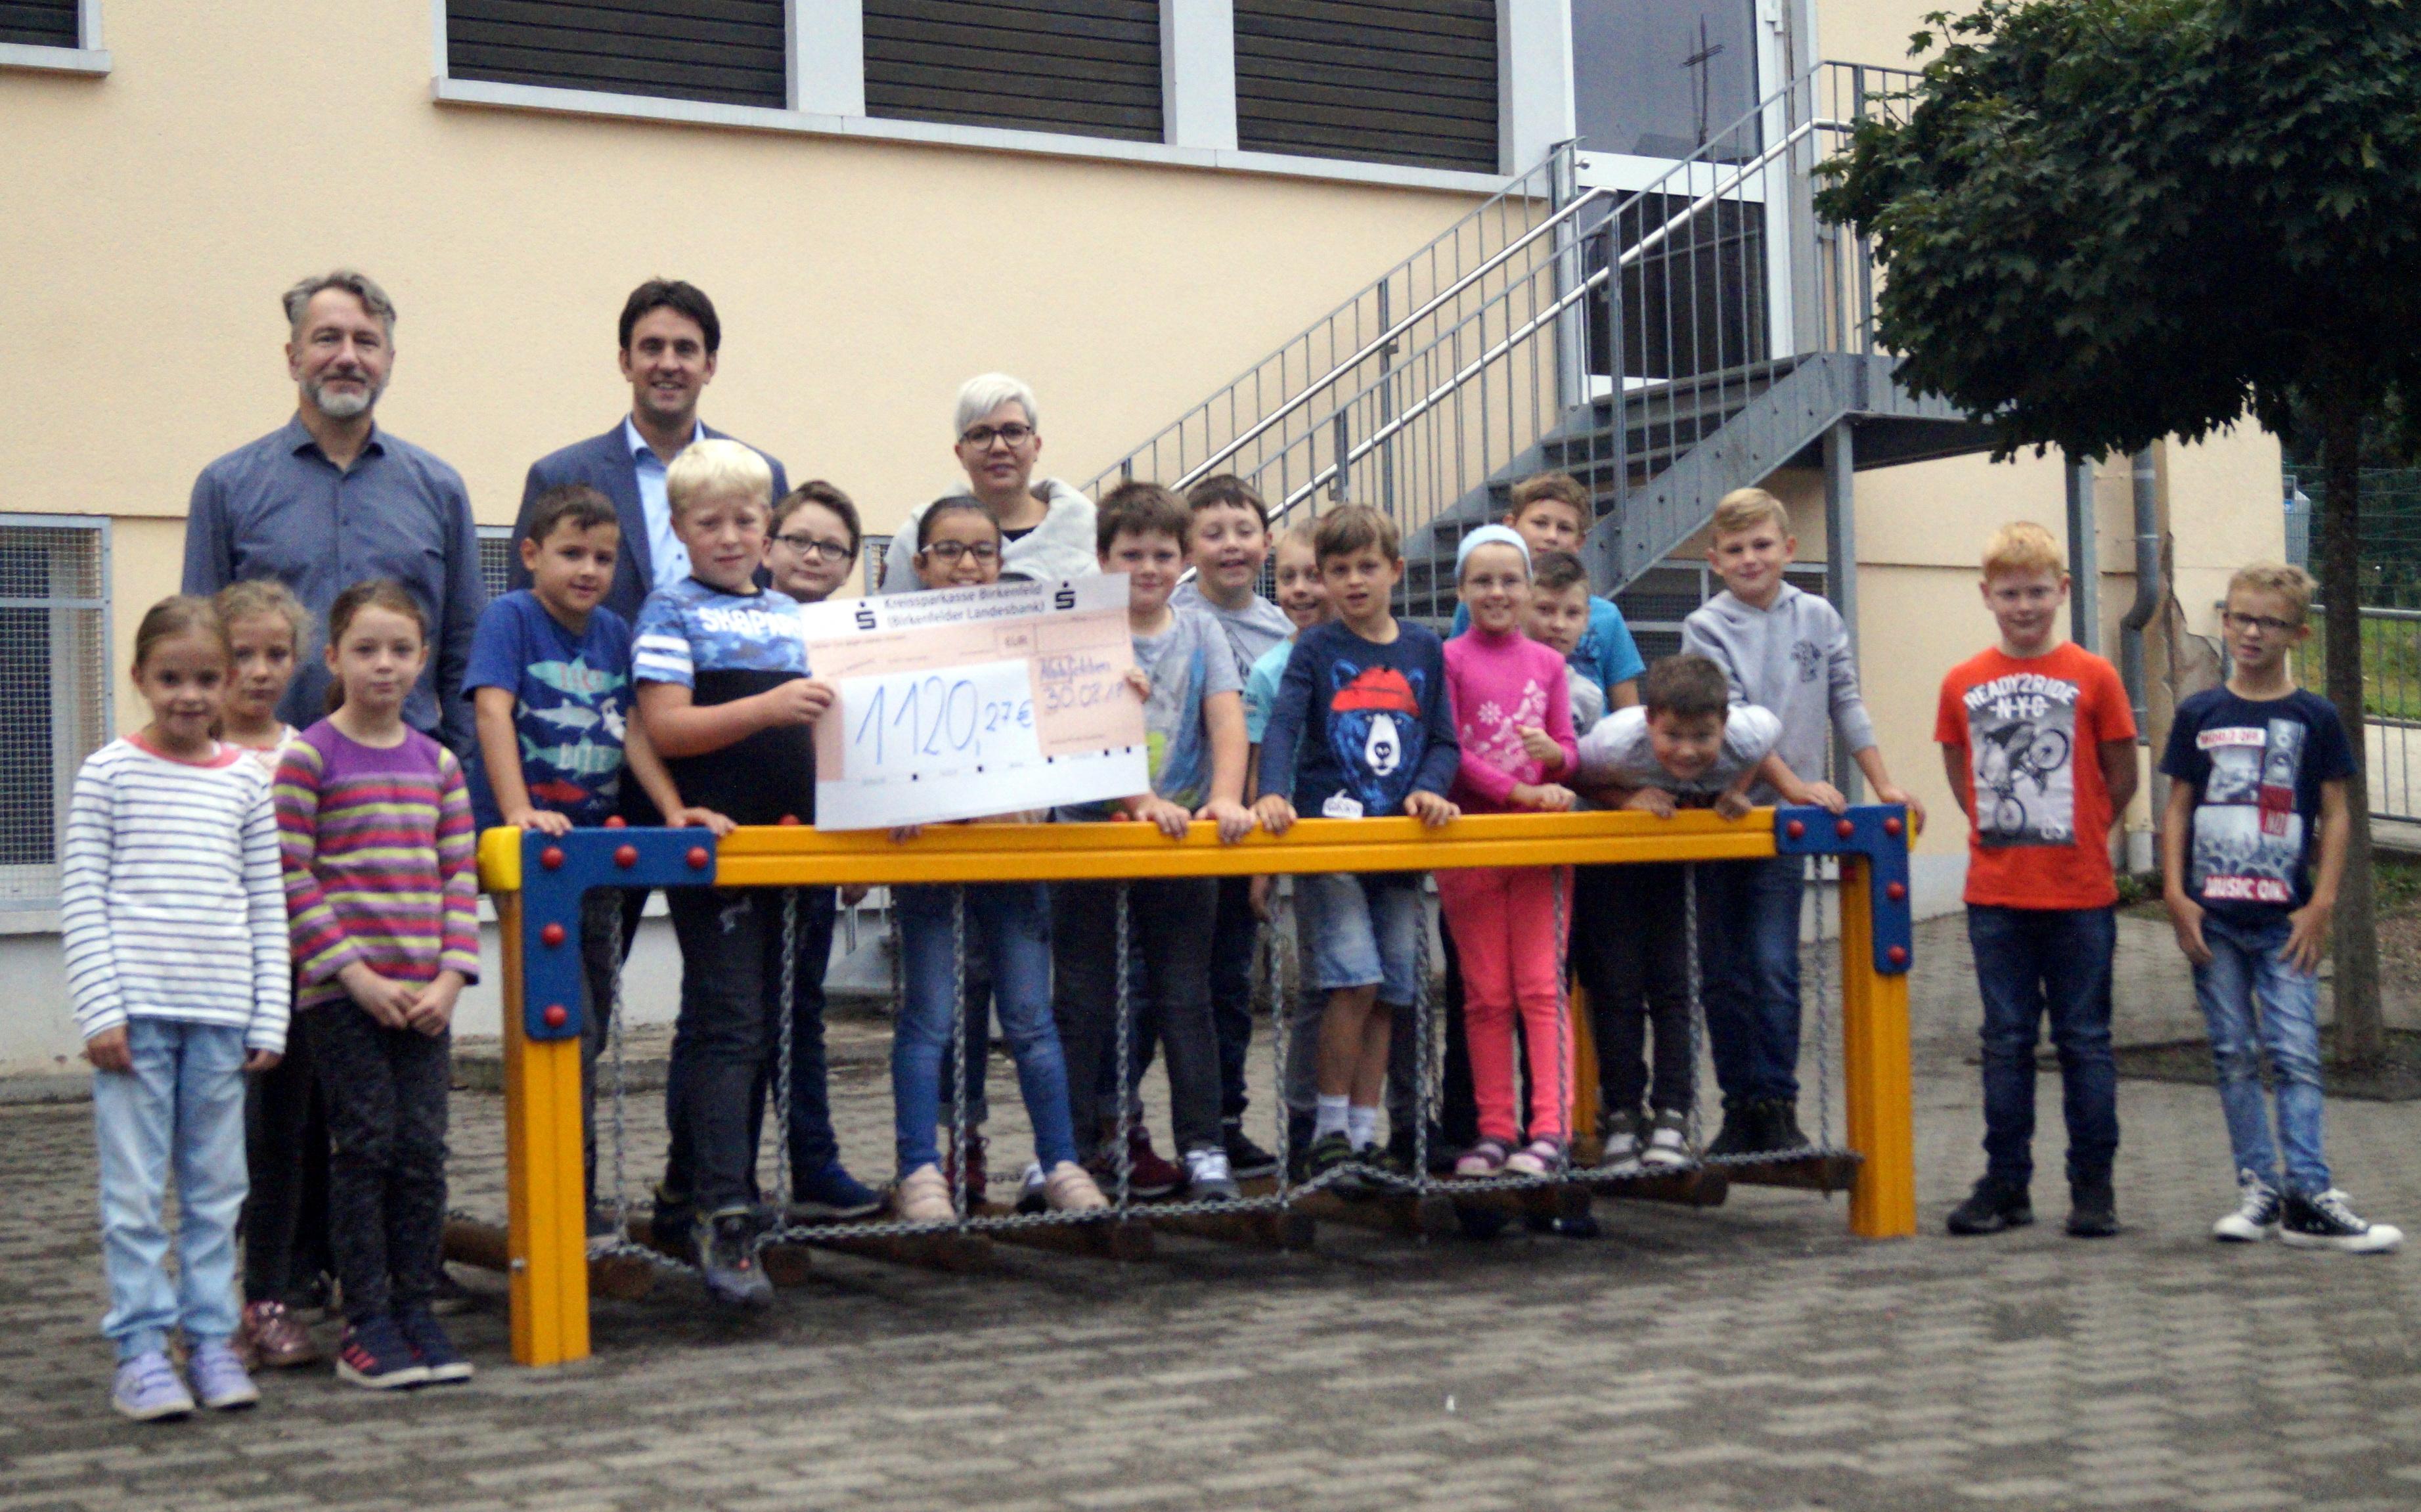 Scheckbergabe_Grundschule in GonnesweilerJPG